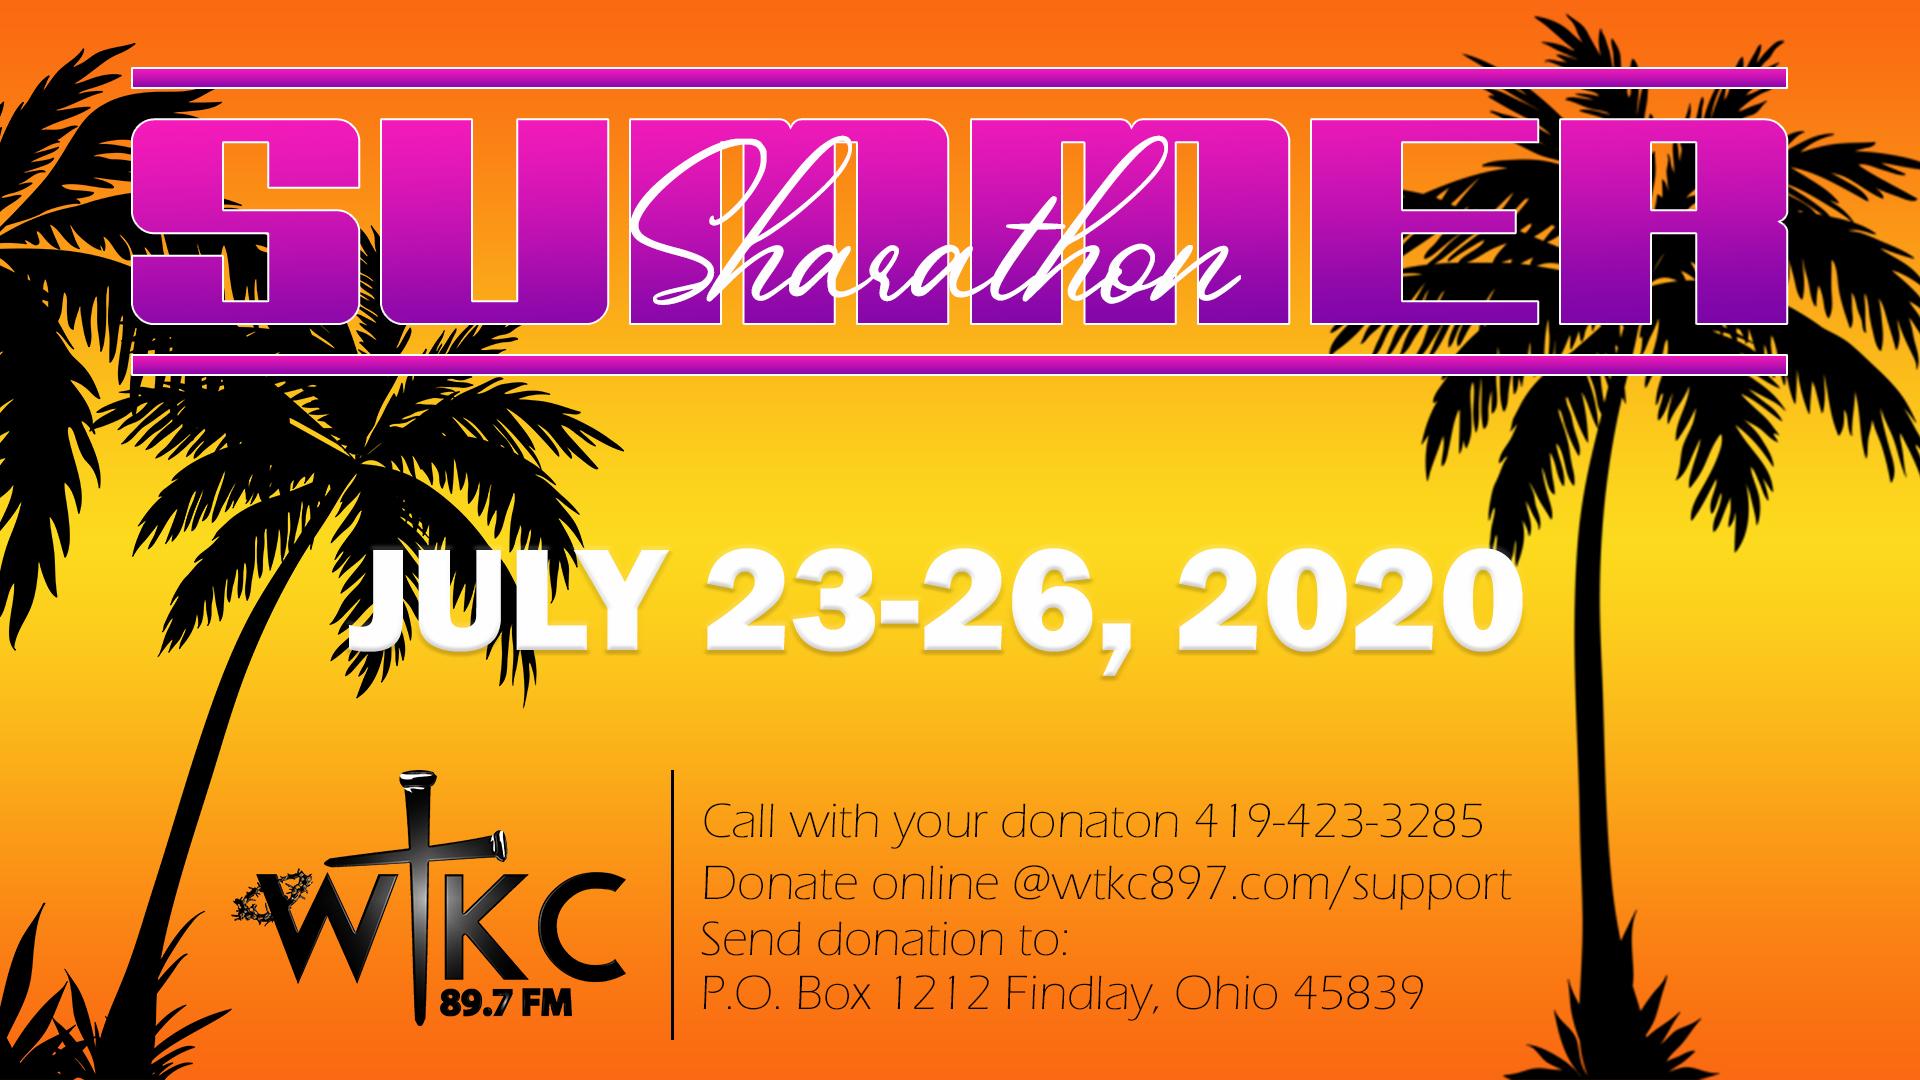 Summer Sharathon 2020